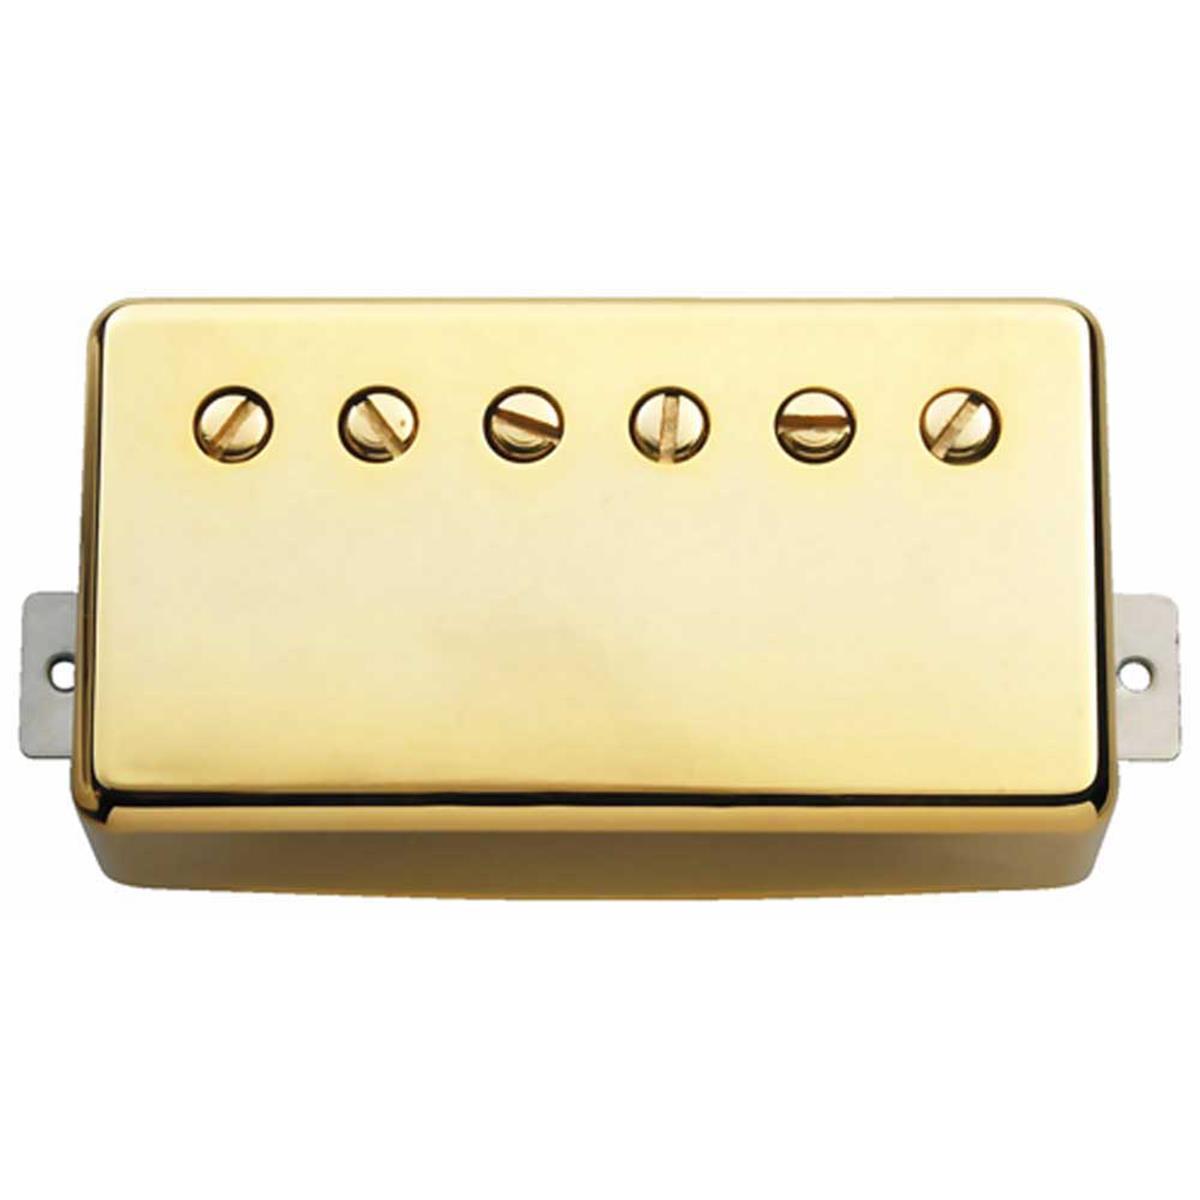 DPA DANISH PRO AUDIO 11601-09GC  GOLD PAF BENEDETTO - SB1160109GC - Voce - Audio Microfoni - Microfoni Live